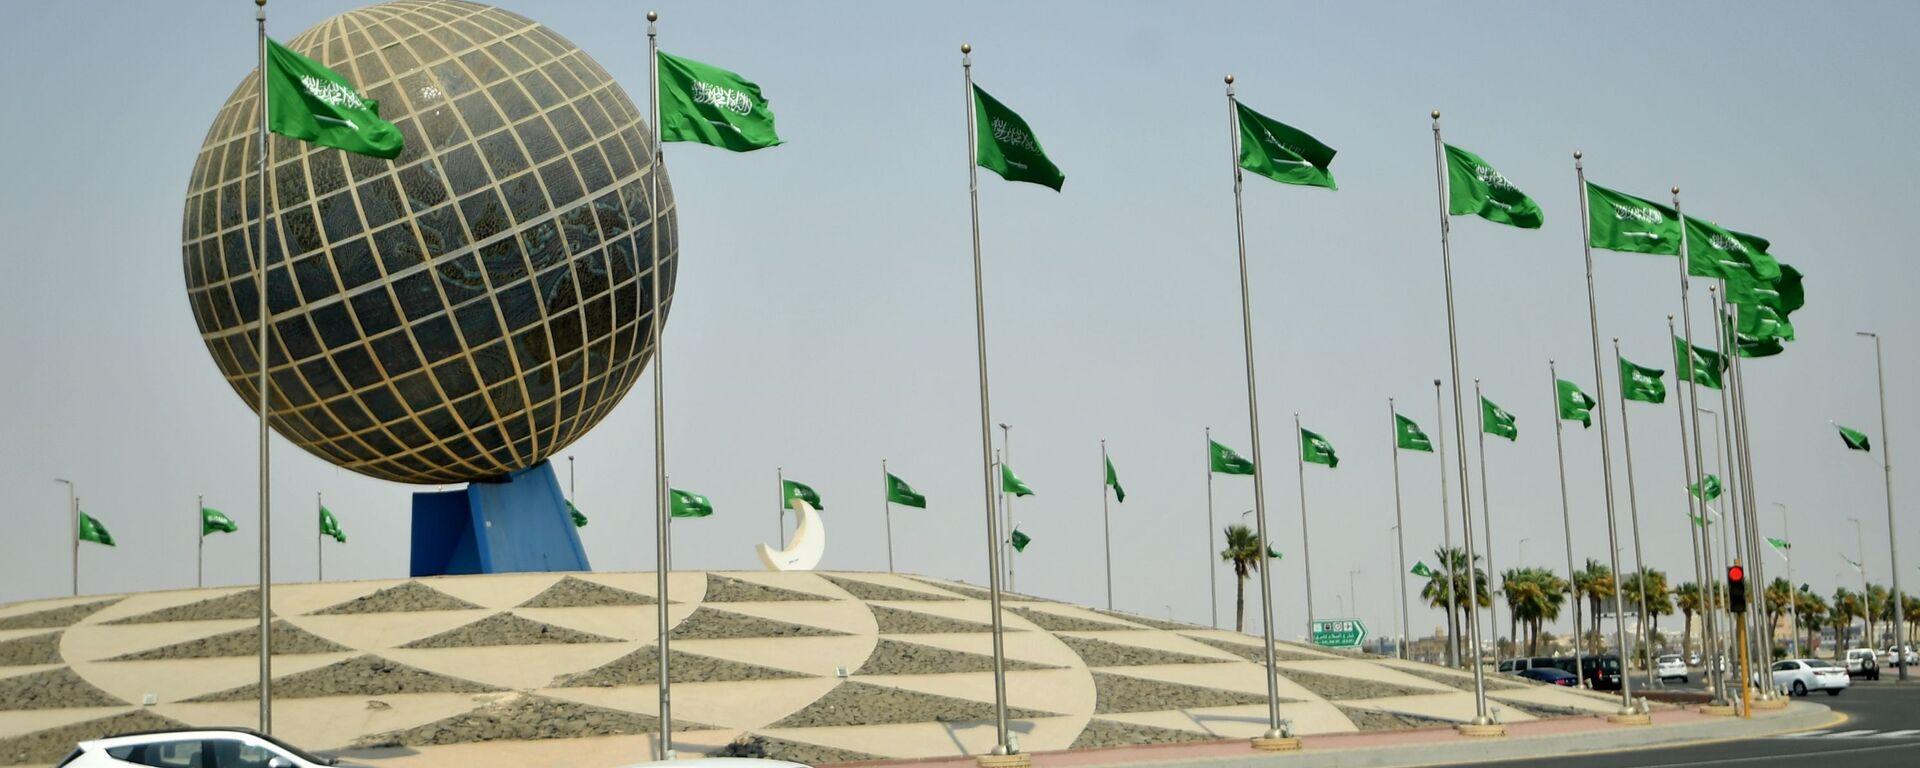 Флаги Саудовской Аравии на одной из улиц города Джидда - Sputnik Узбекистан, 1920, 29.06.2021